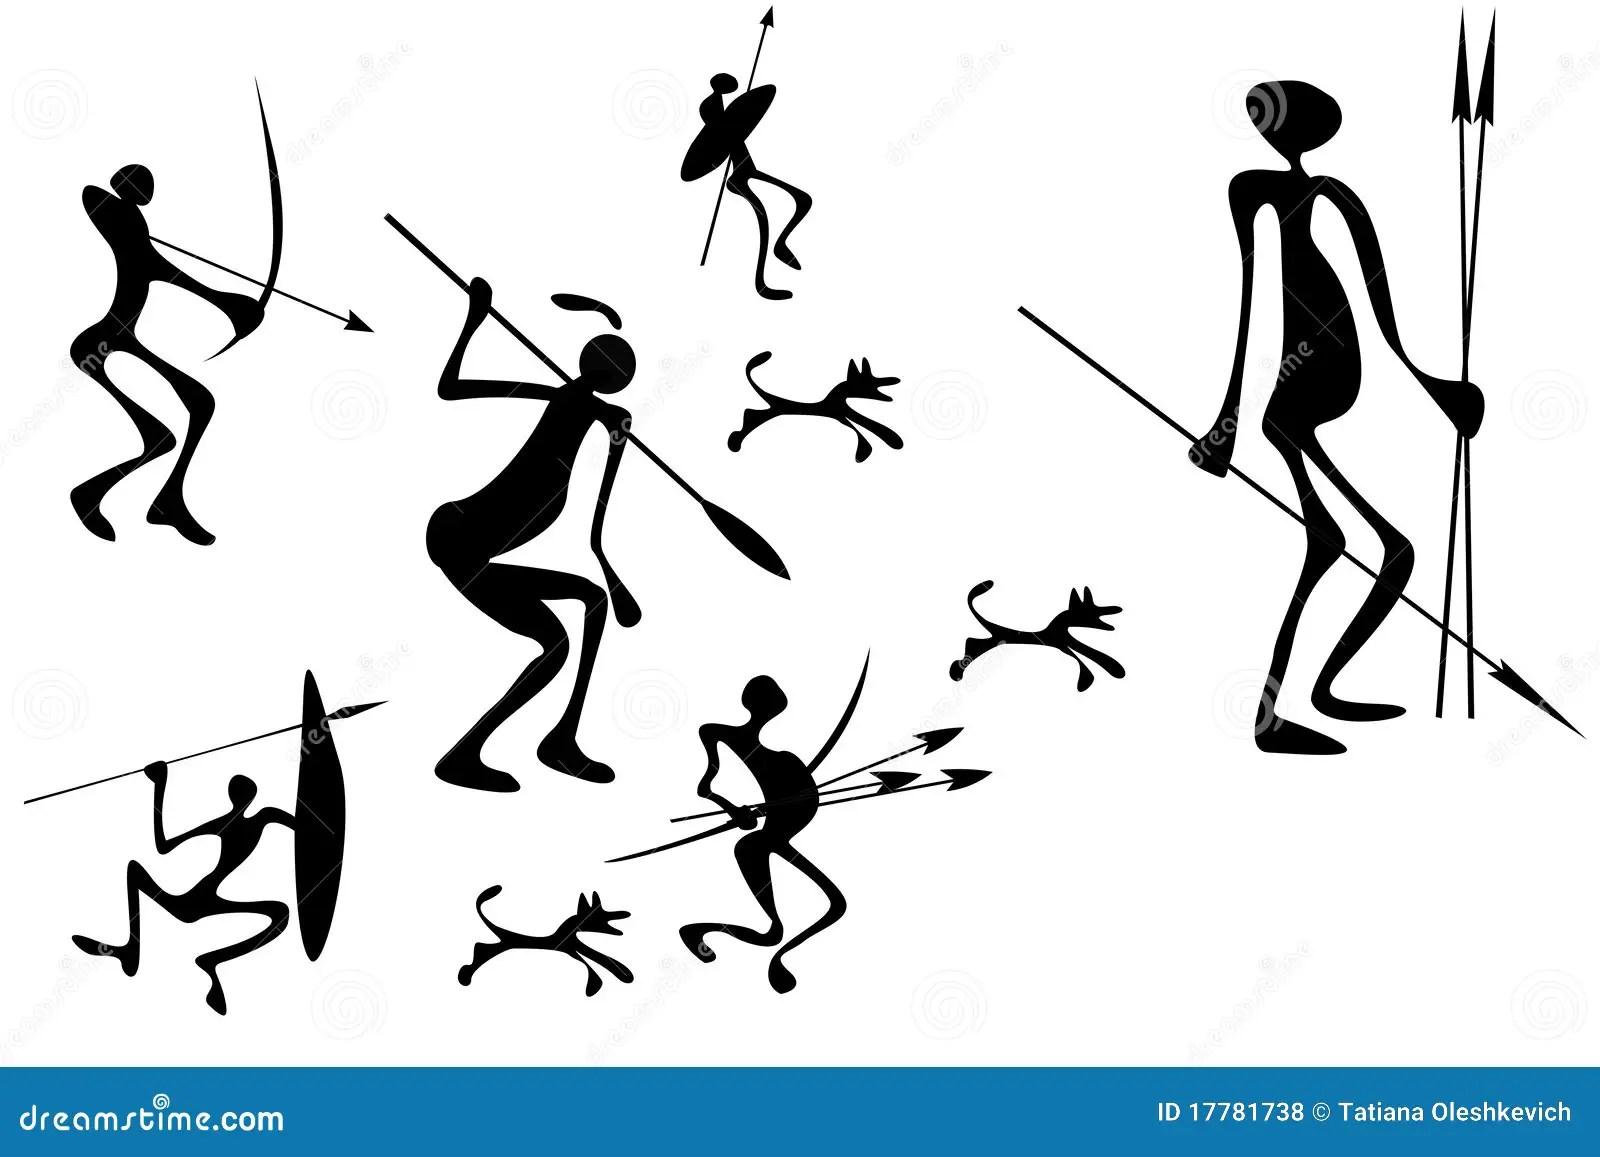 Primitive Hunter S Figures Stock Illustration Image Of